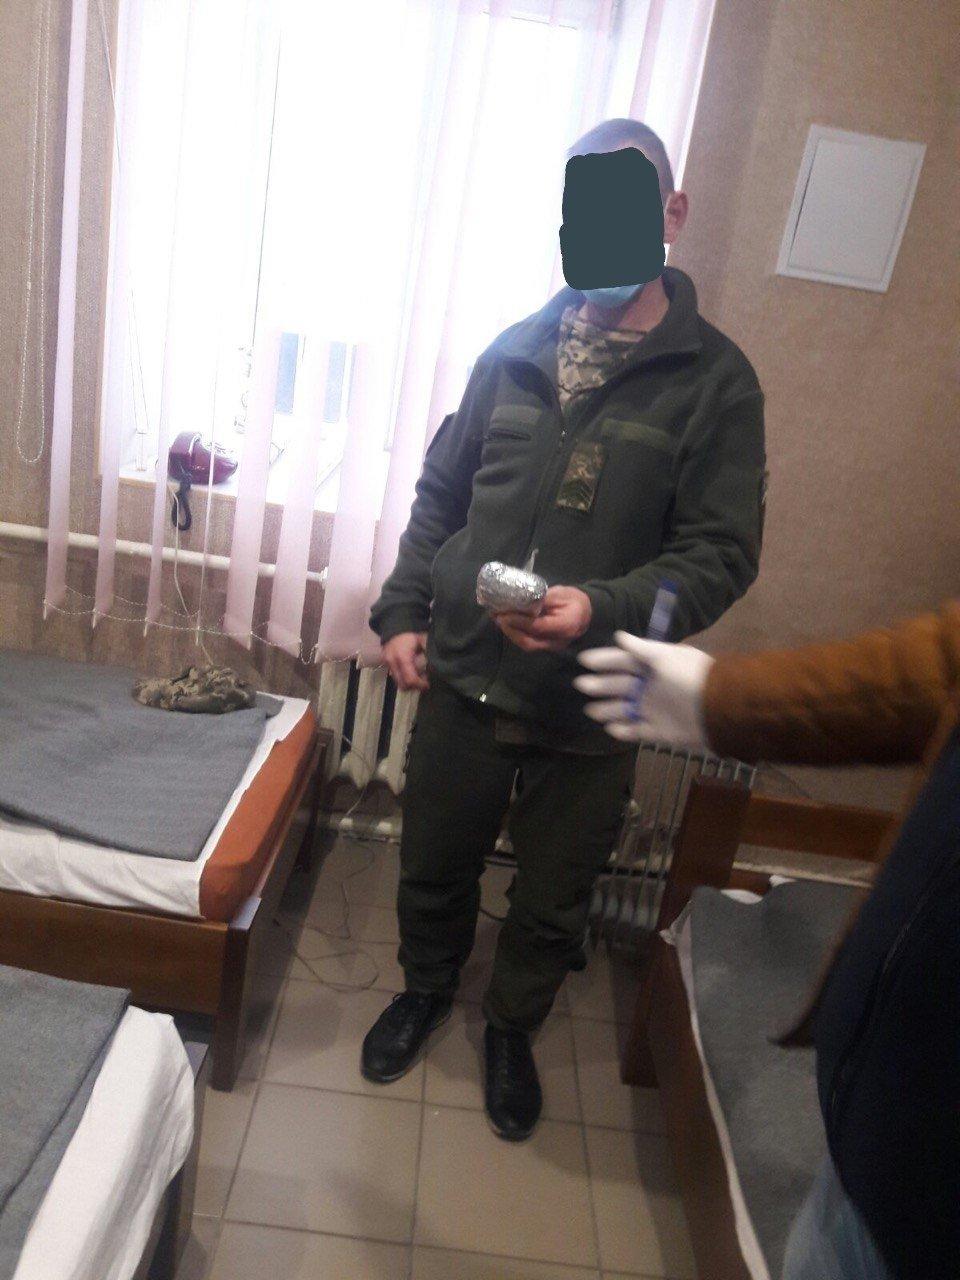 Хмельницький слідчий ізолятор: у сержанта внутрішньої служби знайшли наркотики (ФОТО), фото-4